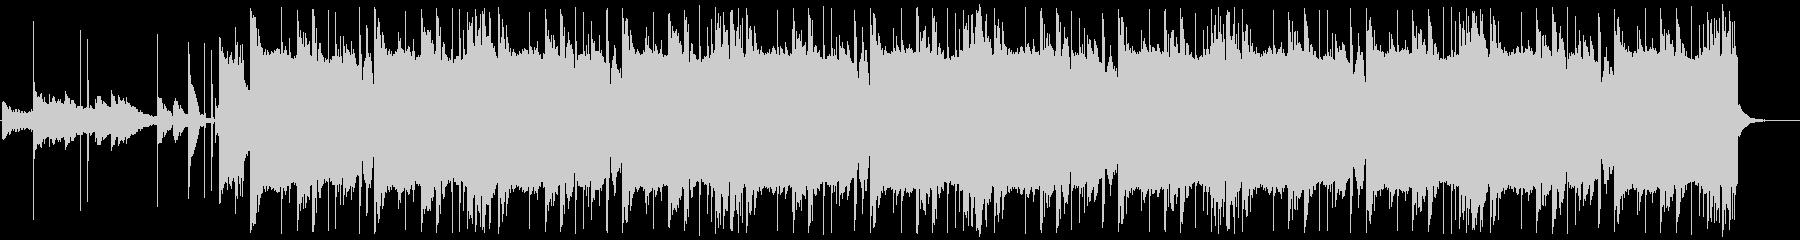 60秒/Trap/808/重厚濃厚/#2の未再生の波形